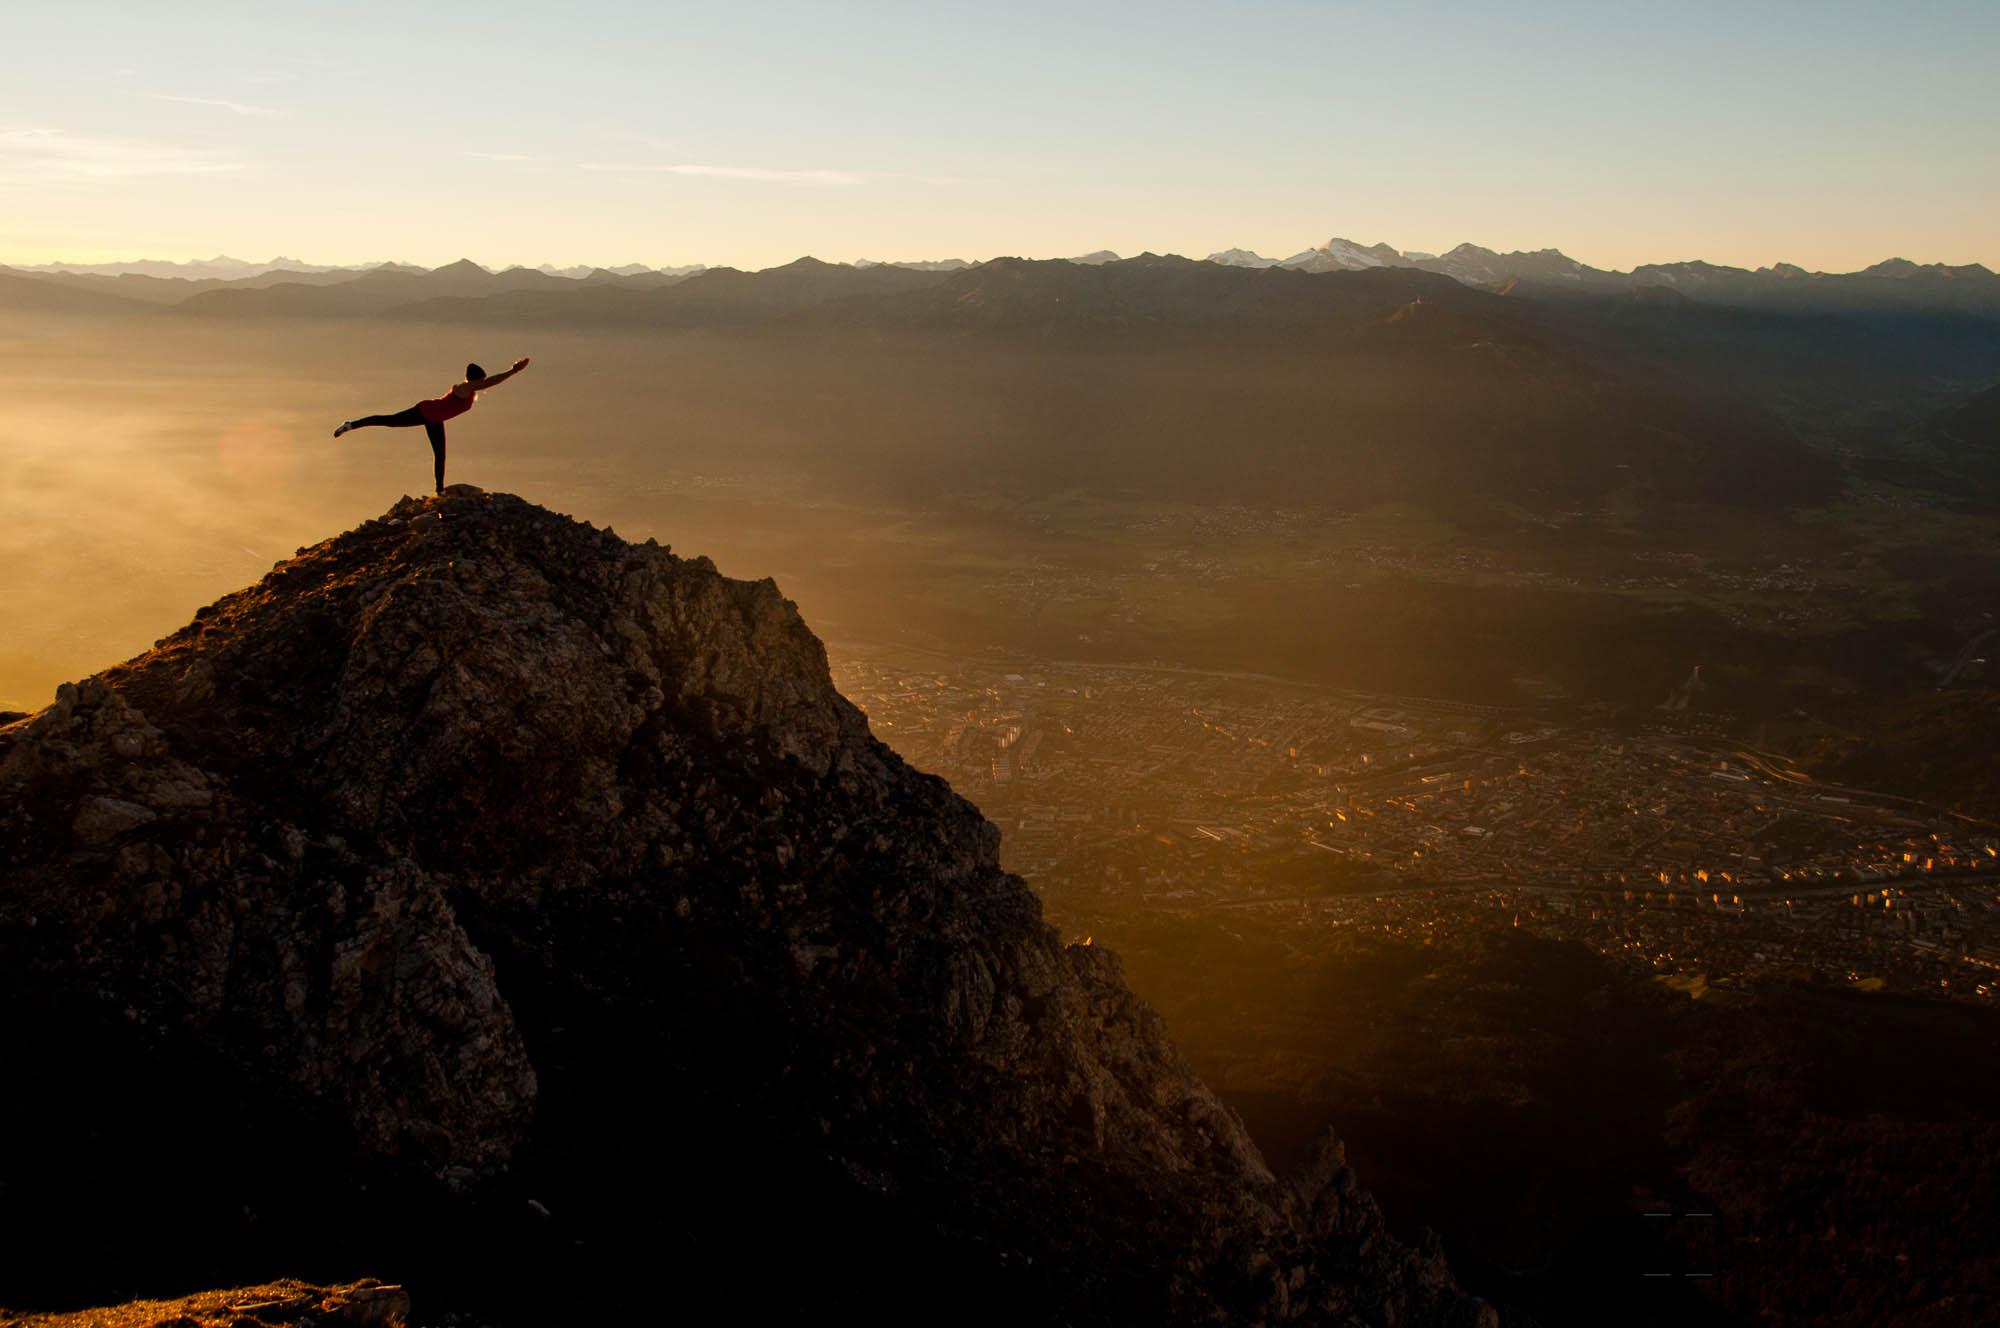 innsbruck views, innsbruck aussicht, innsbruck yoga, alpen yoga, alpen fotografie, fotografie workshop, fotografie workshop alpen, fotografie workshop tirol, fotografie workshop berge,